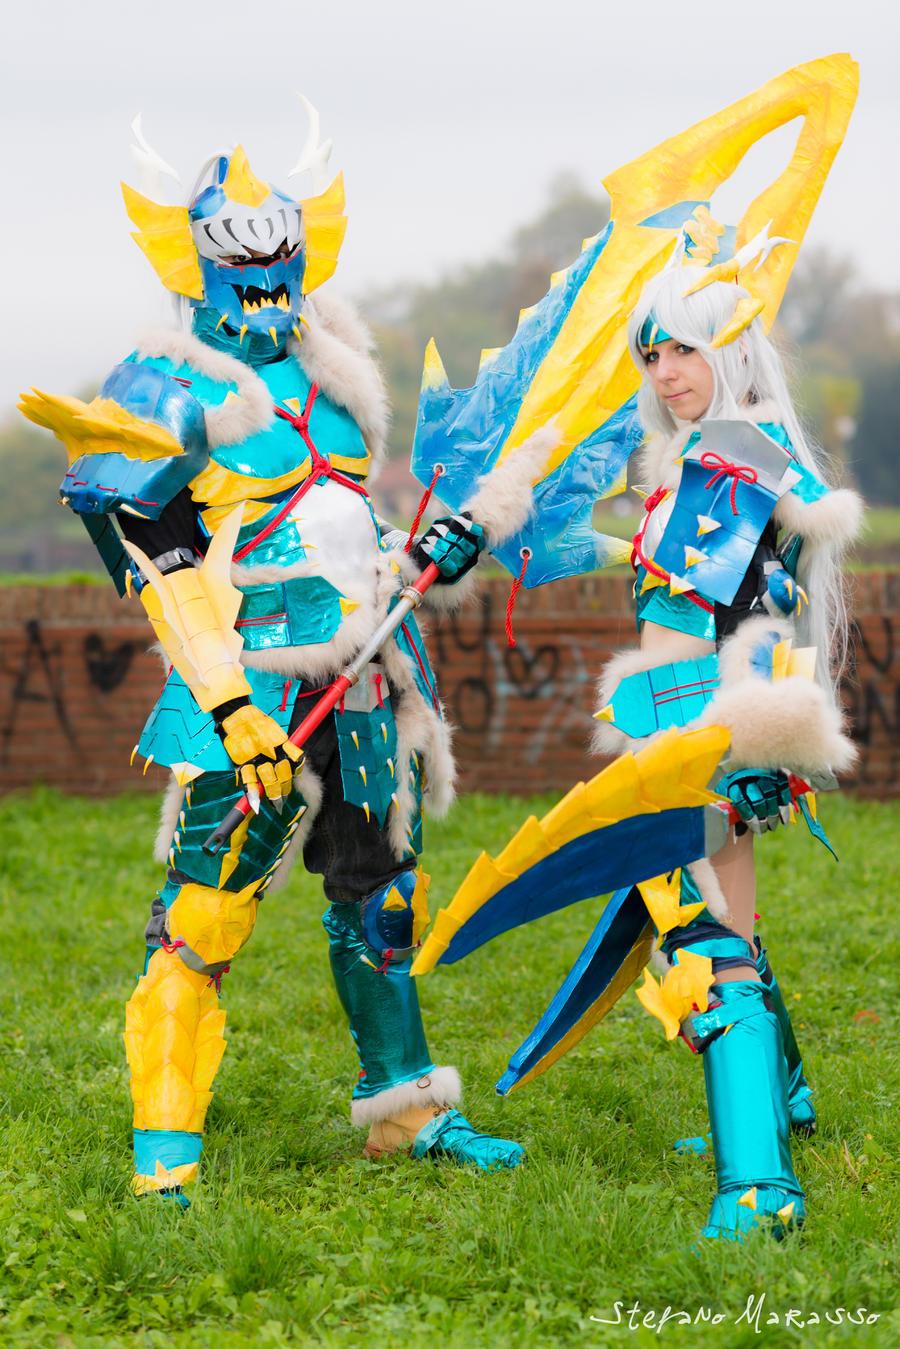 Jinouga armor cosplay by HeavenAndSky